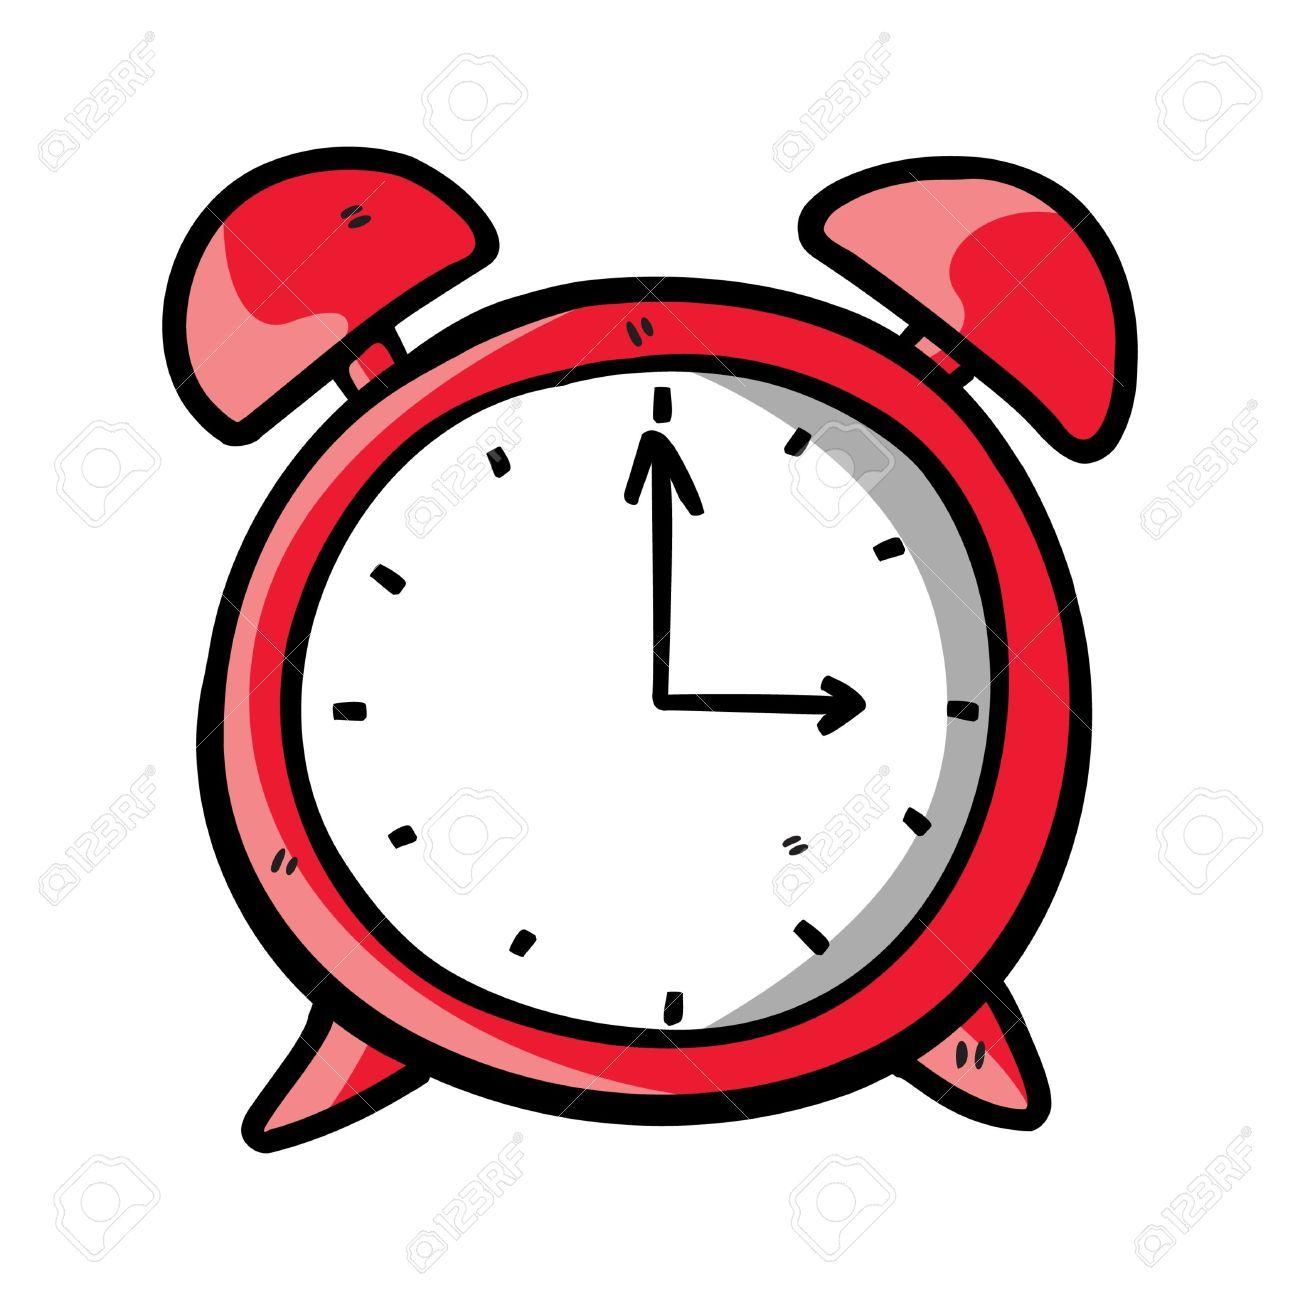 Reloj dibujado color rojo ilustraciones vectoriales for Imagenes de relojes